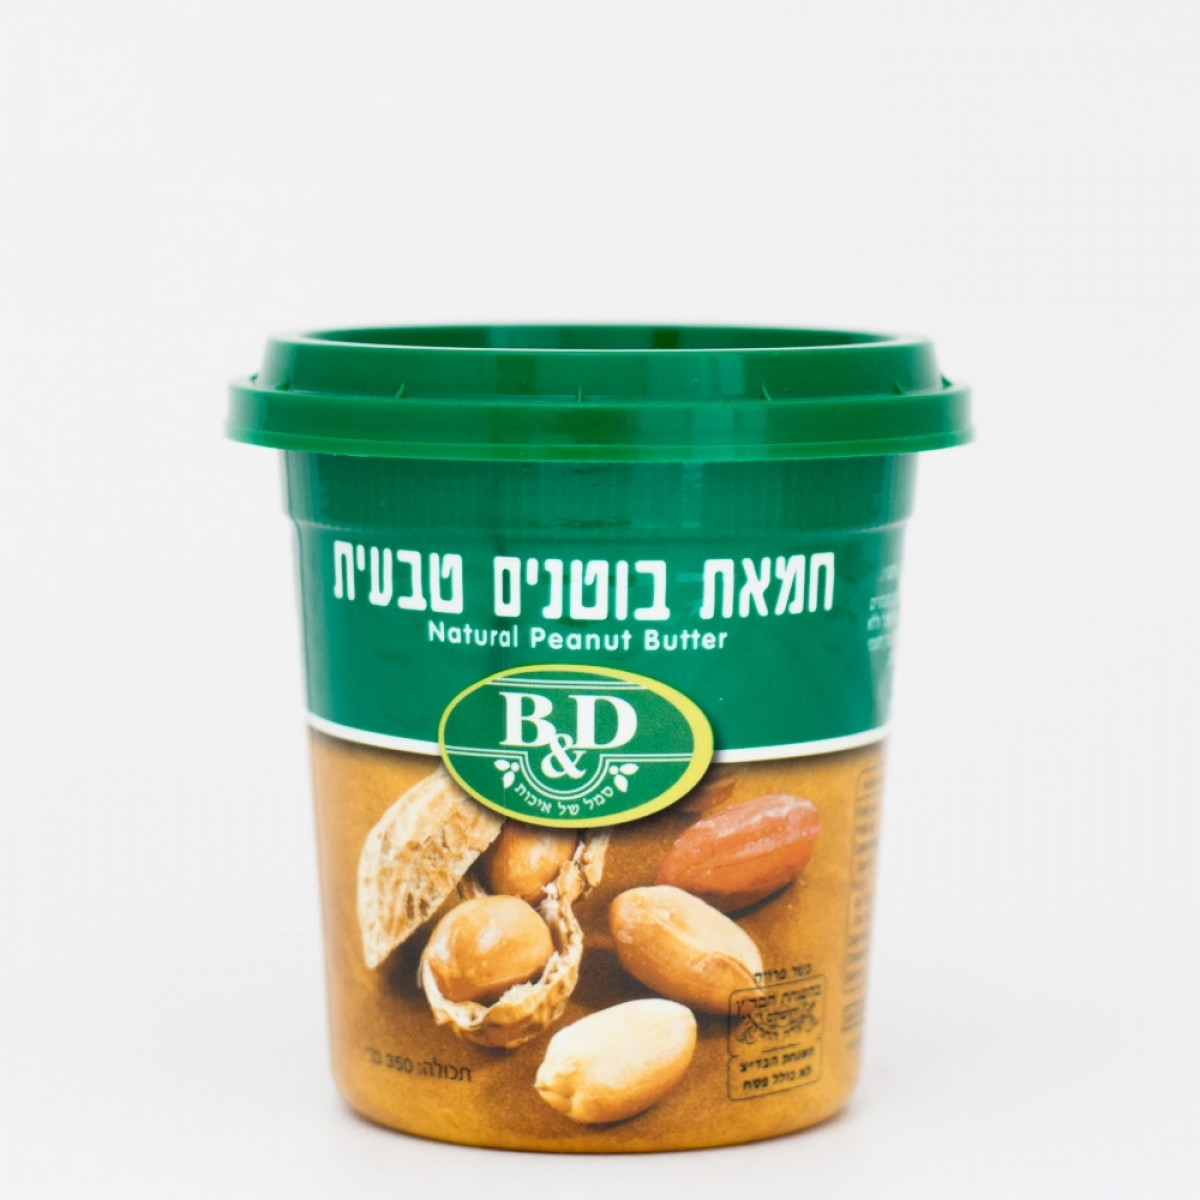 חמאת בוטנים טבעית 350 גר'